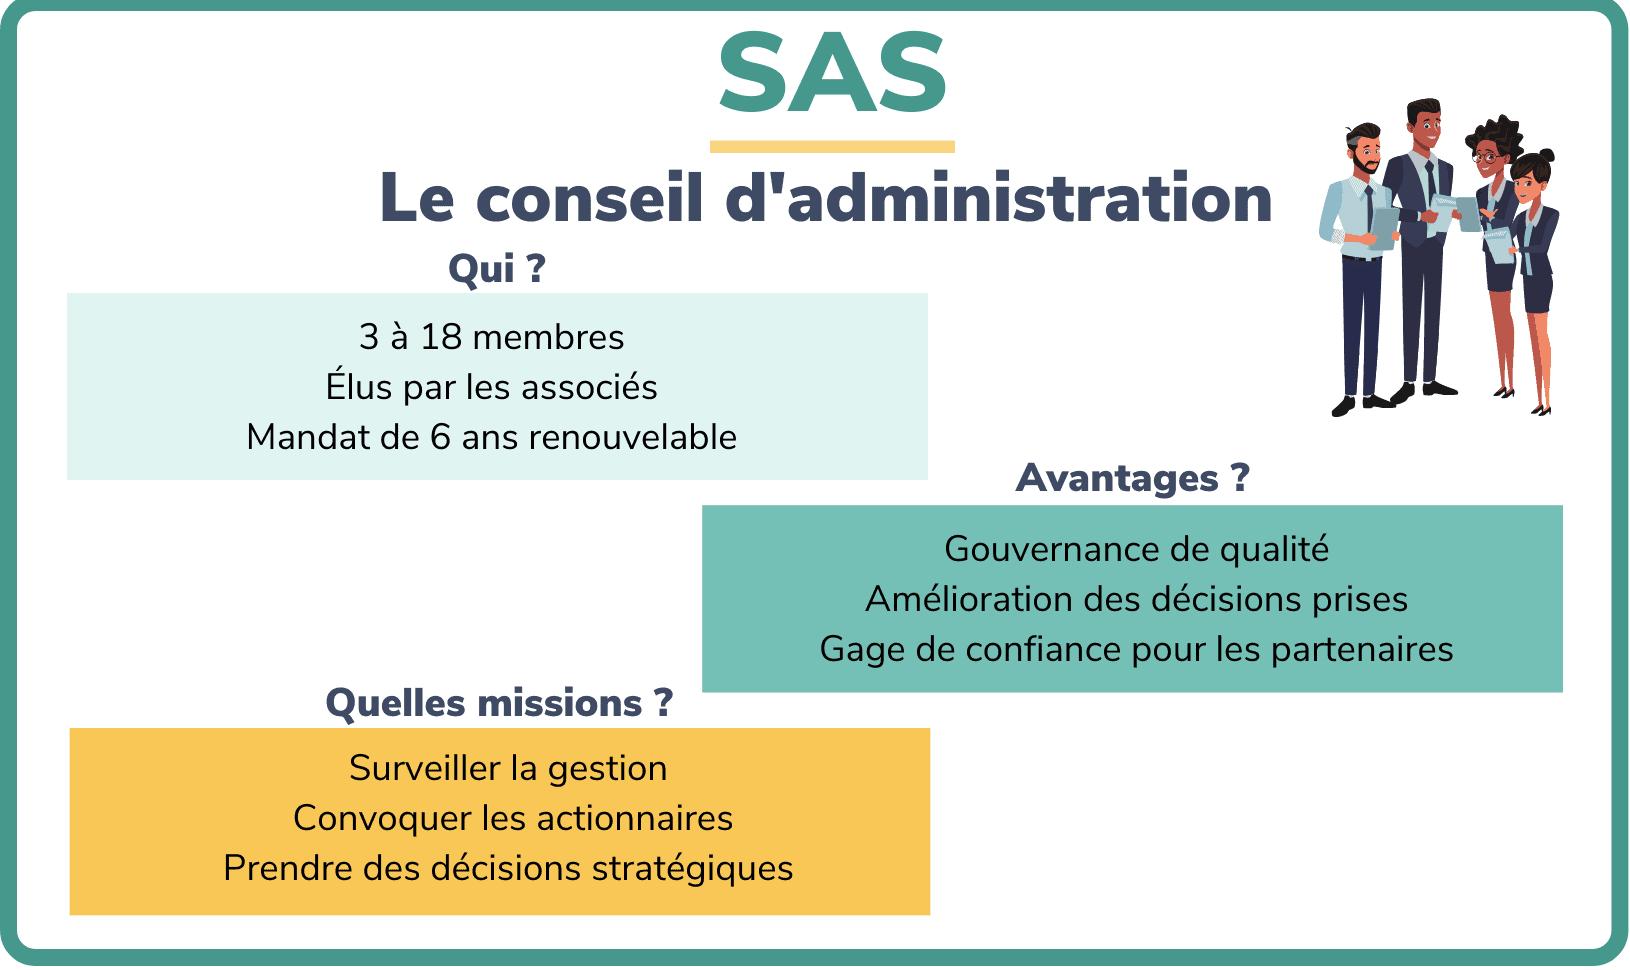 SAS et conseil d'administration